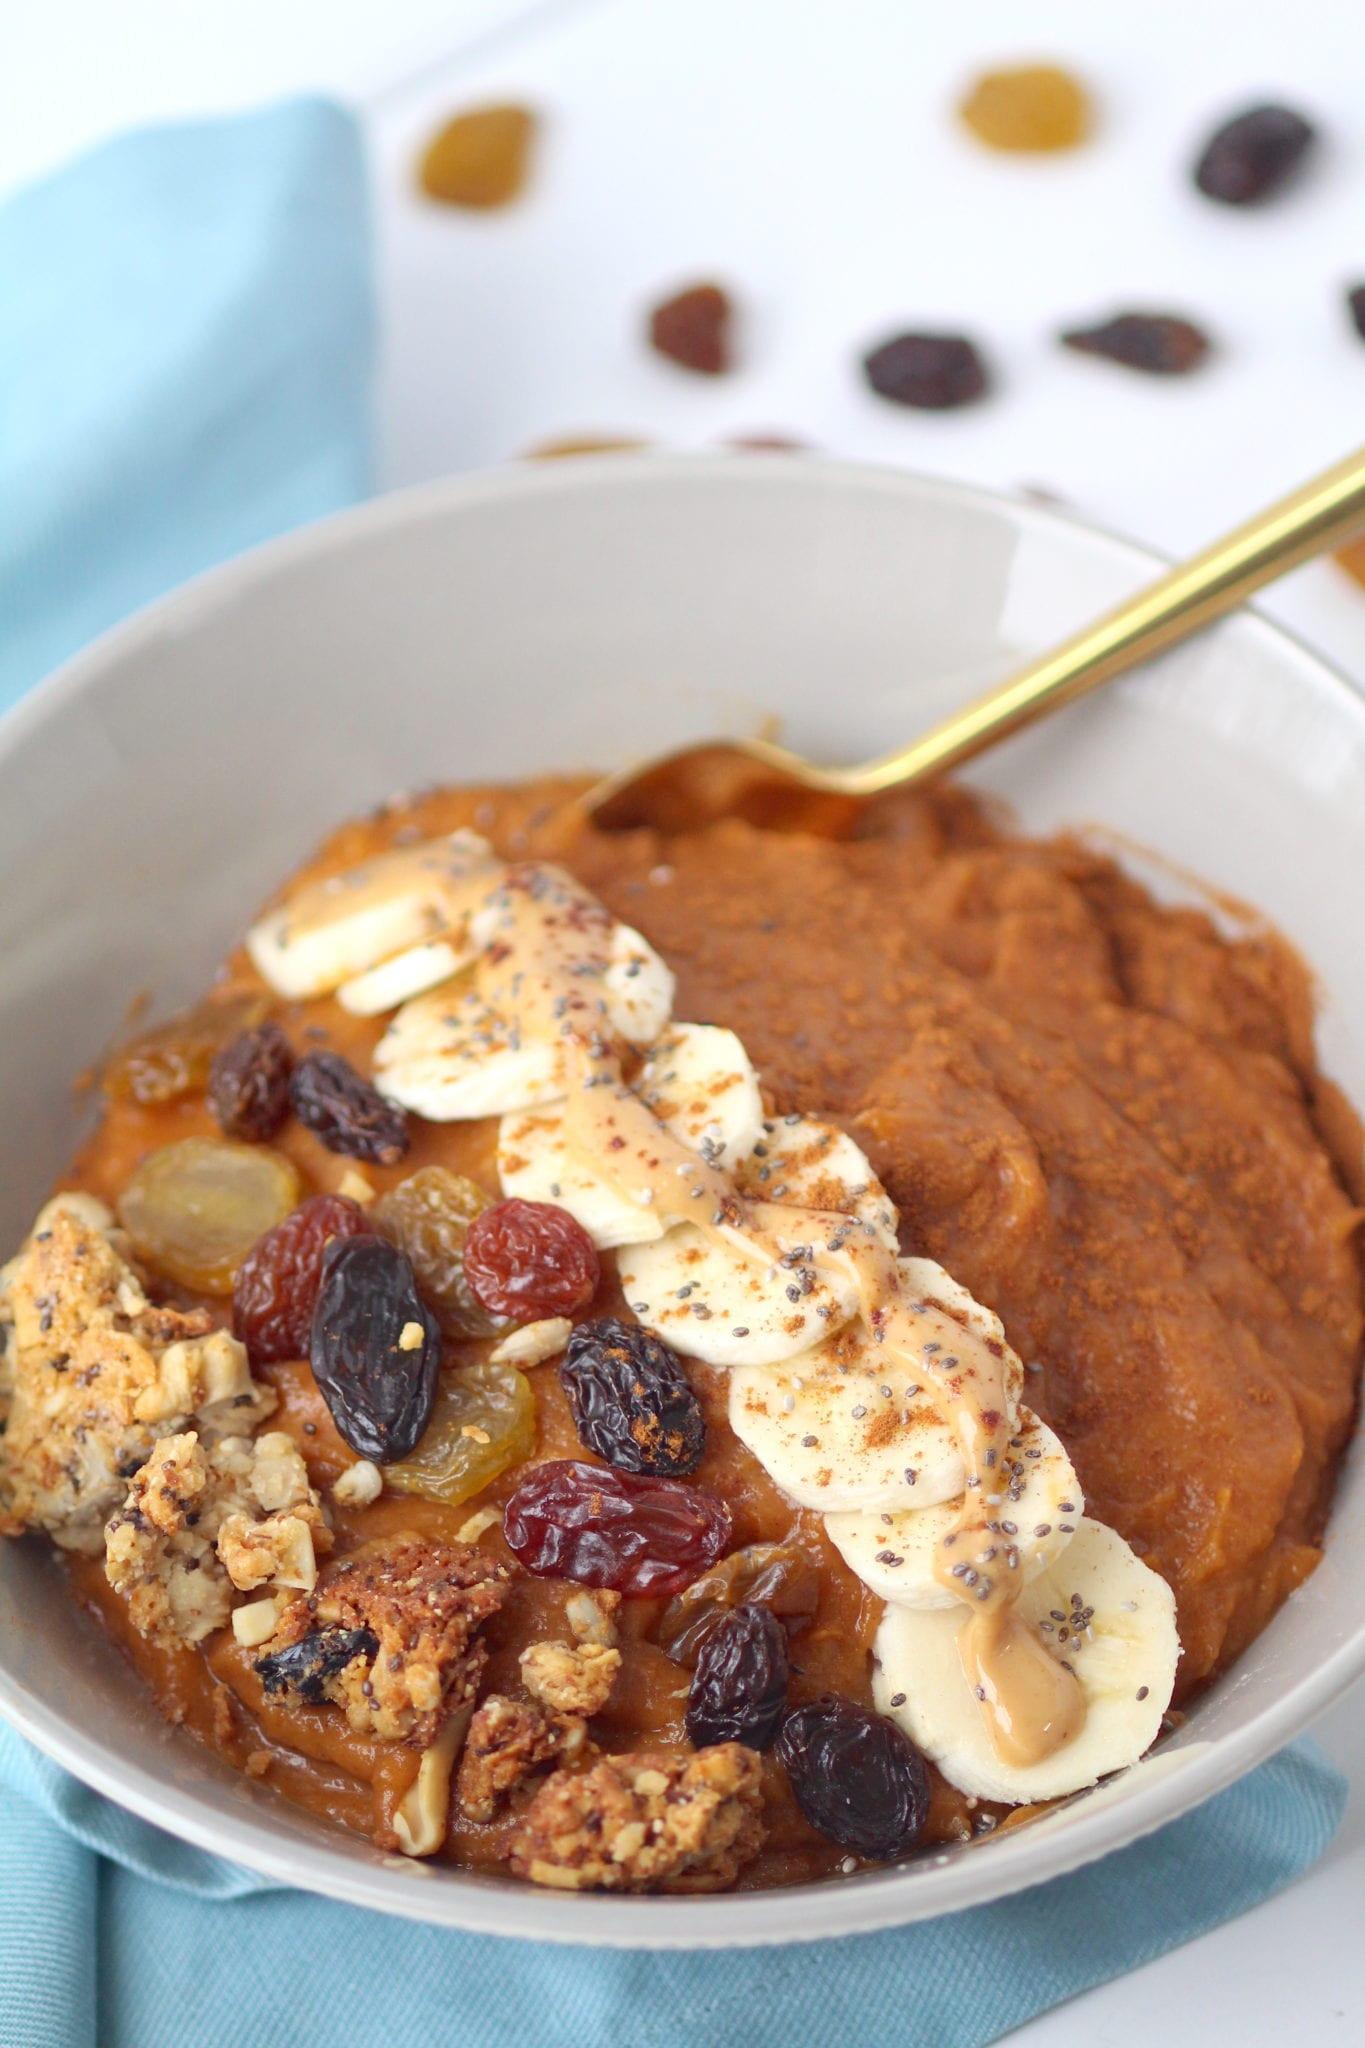 Sweet Potato Breakfast  Simple Sweet Potato Breakfast Bowl Whole30 Paleo